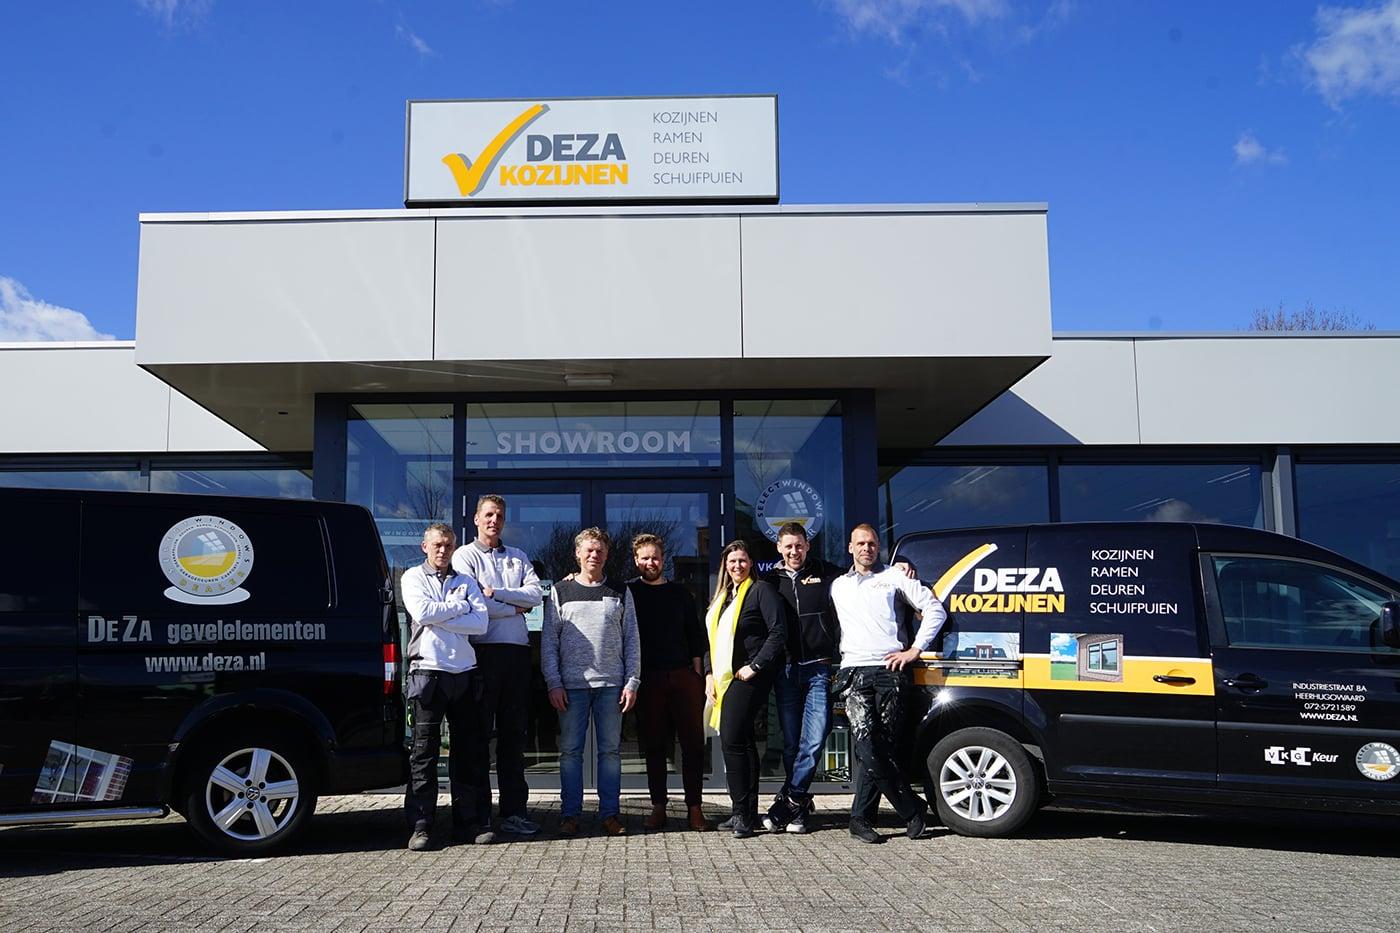 Deza kunststof kozijnen Heerhugowaard - team Deza